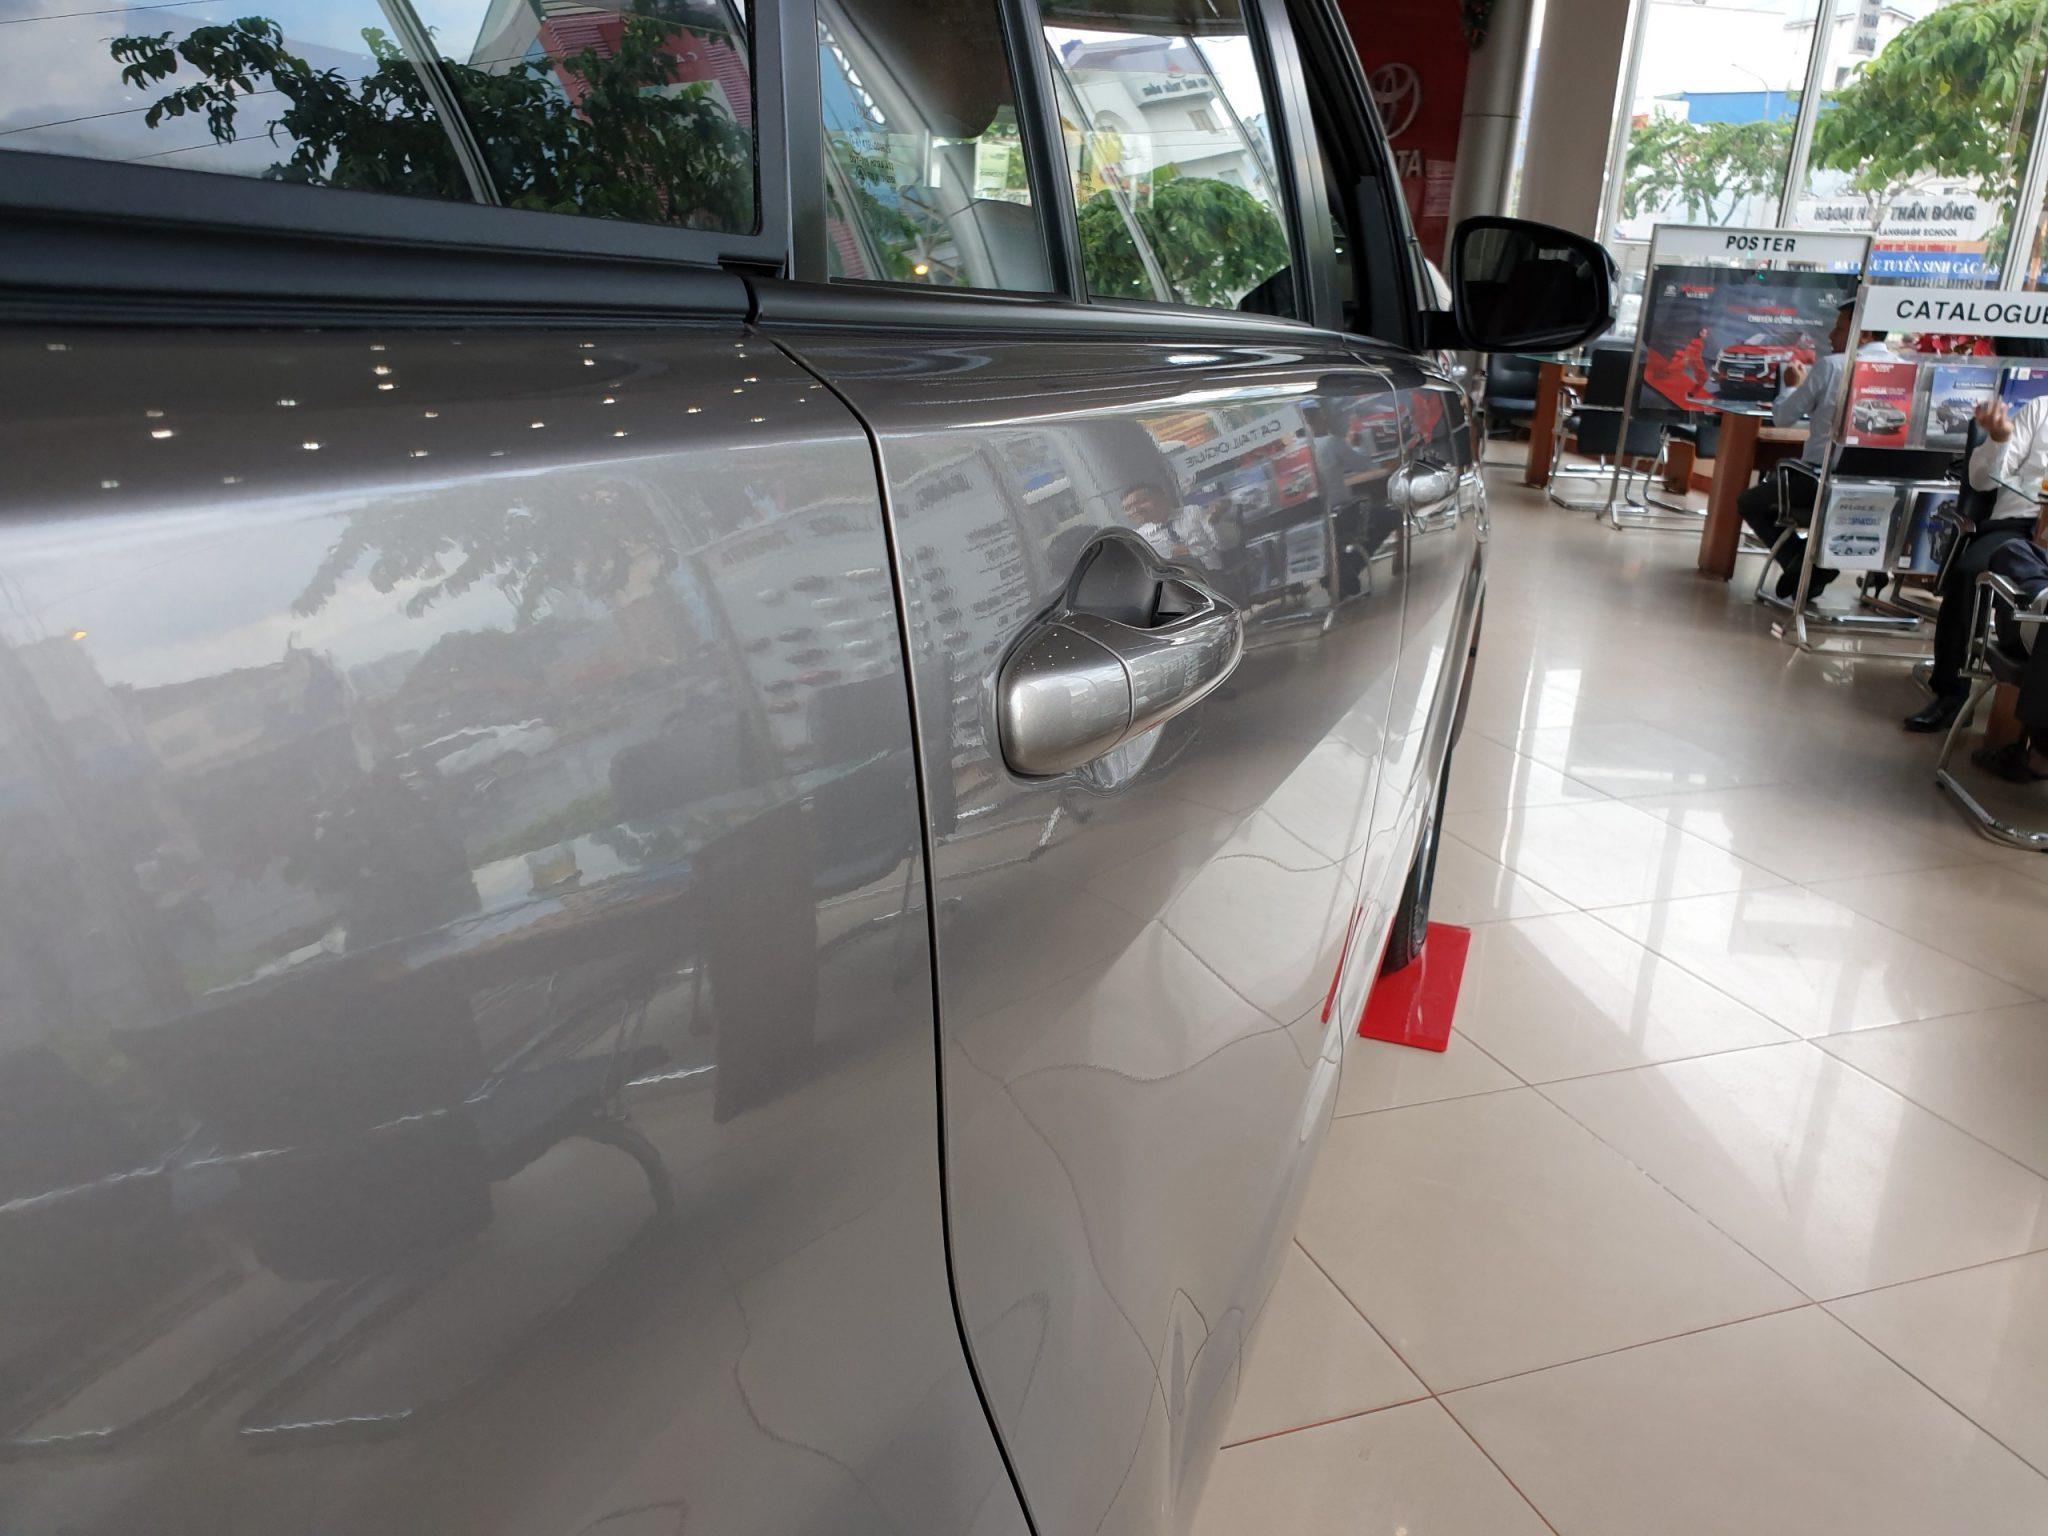 1762c0523ed1dd8f84c0 - Innova G AT [hienthinam]: khuyến mãi và giá xe tháng [hienthithang]